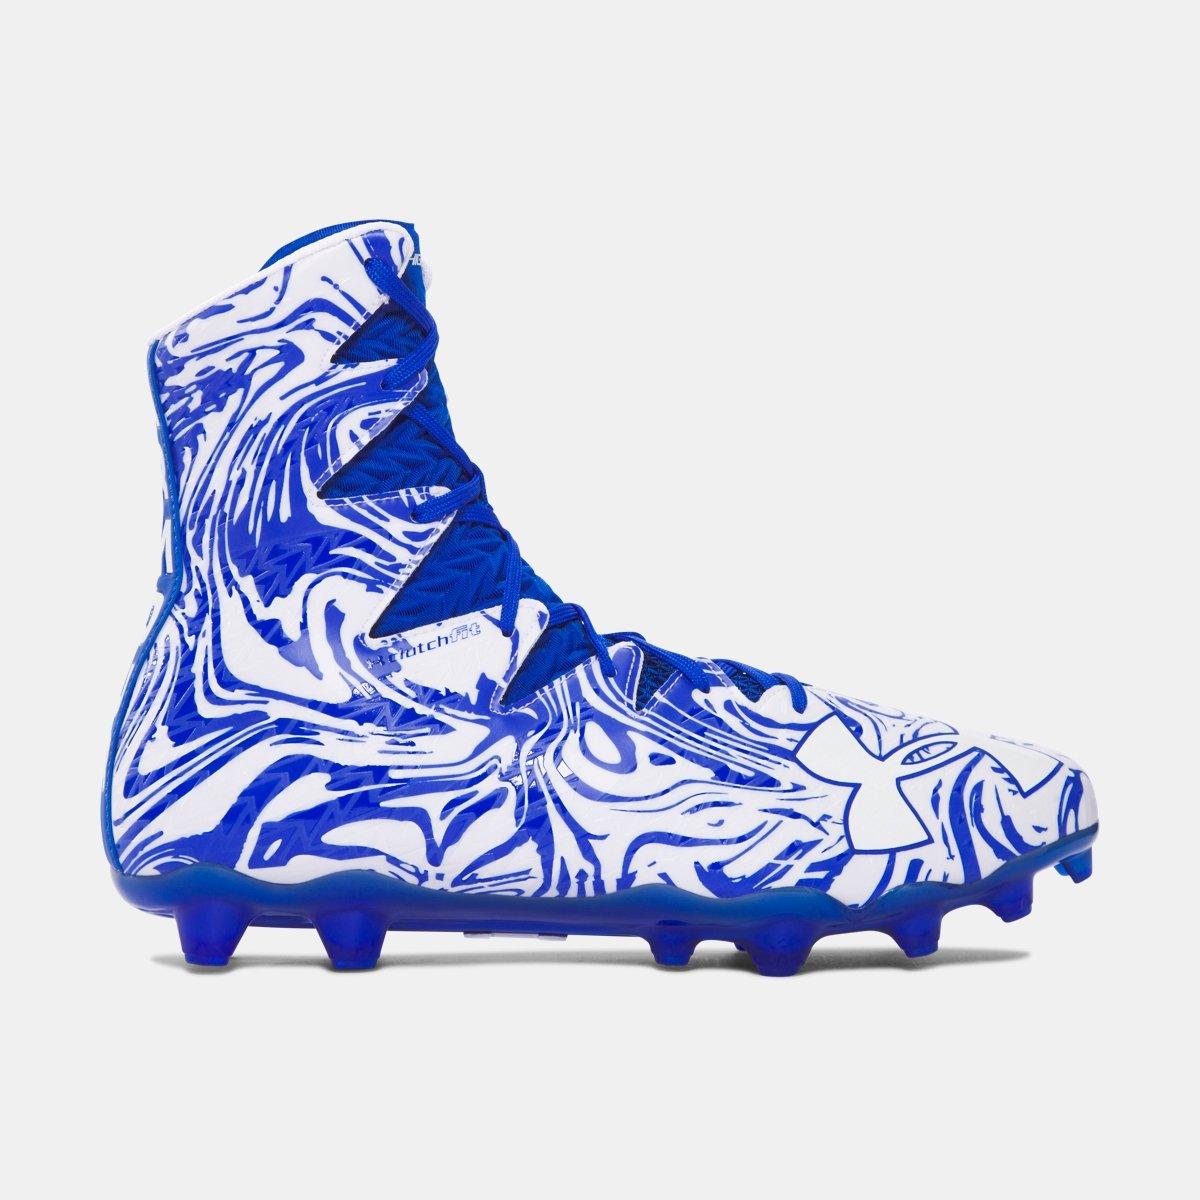 [アンダーアーマー] UNDER ARMOUR メンズ UA Highlight Lux MC Football Cleats カジュアル 13(31cm) [並行輸入品] B074WLBZLS